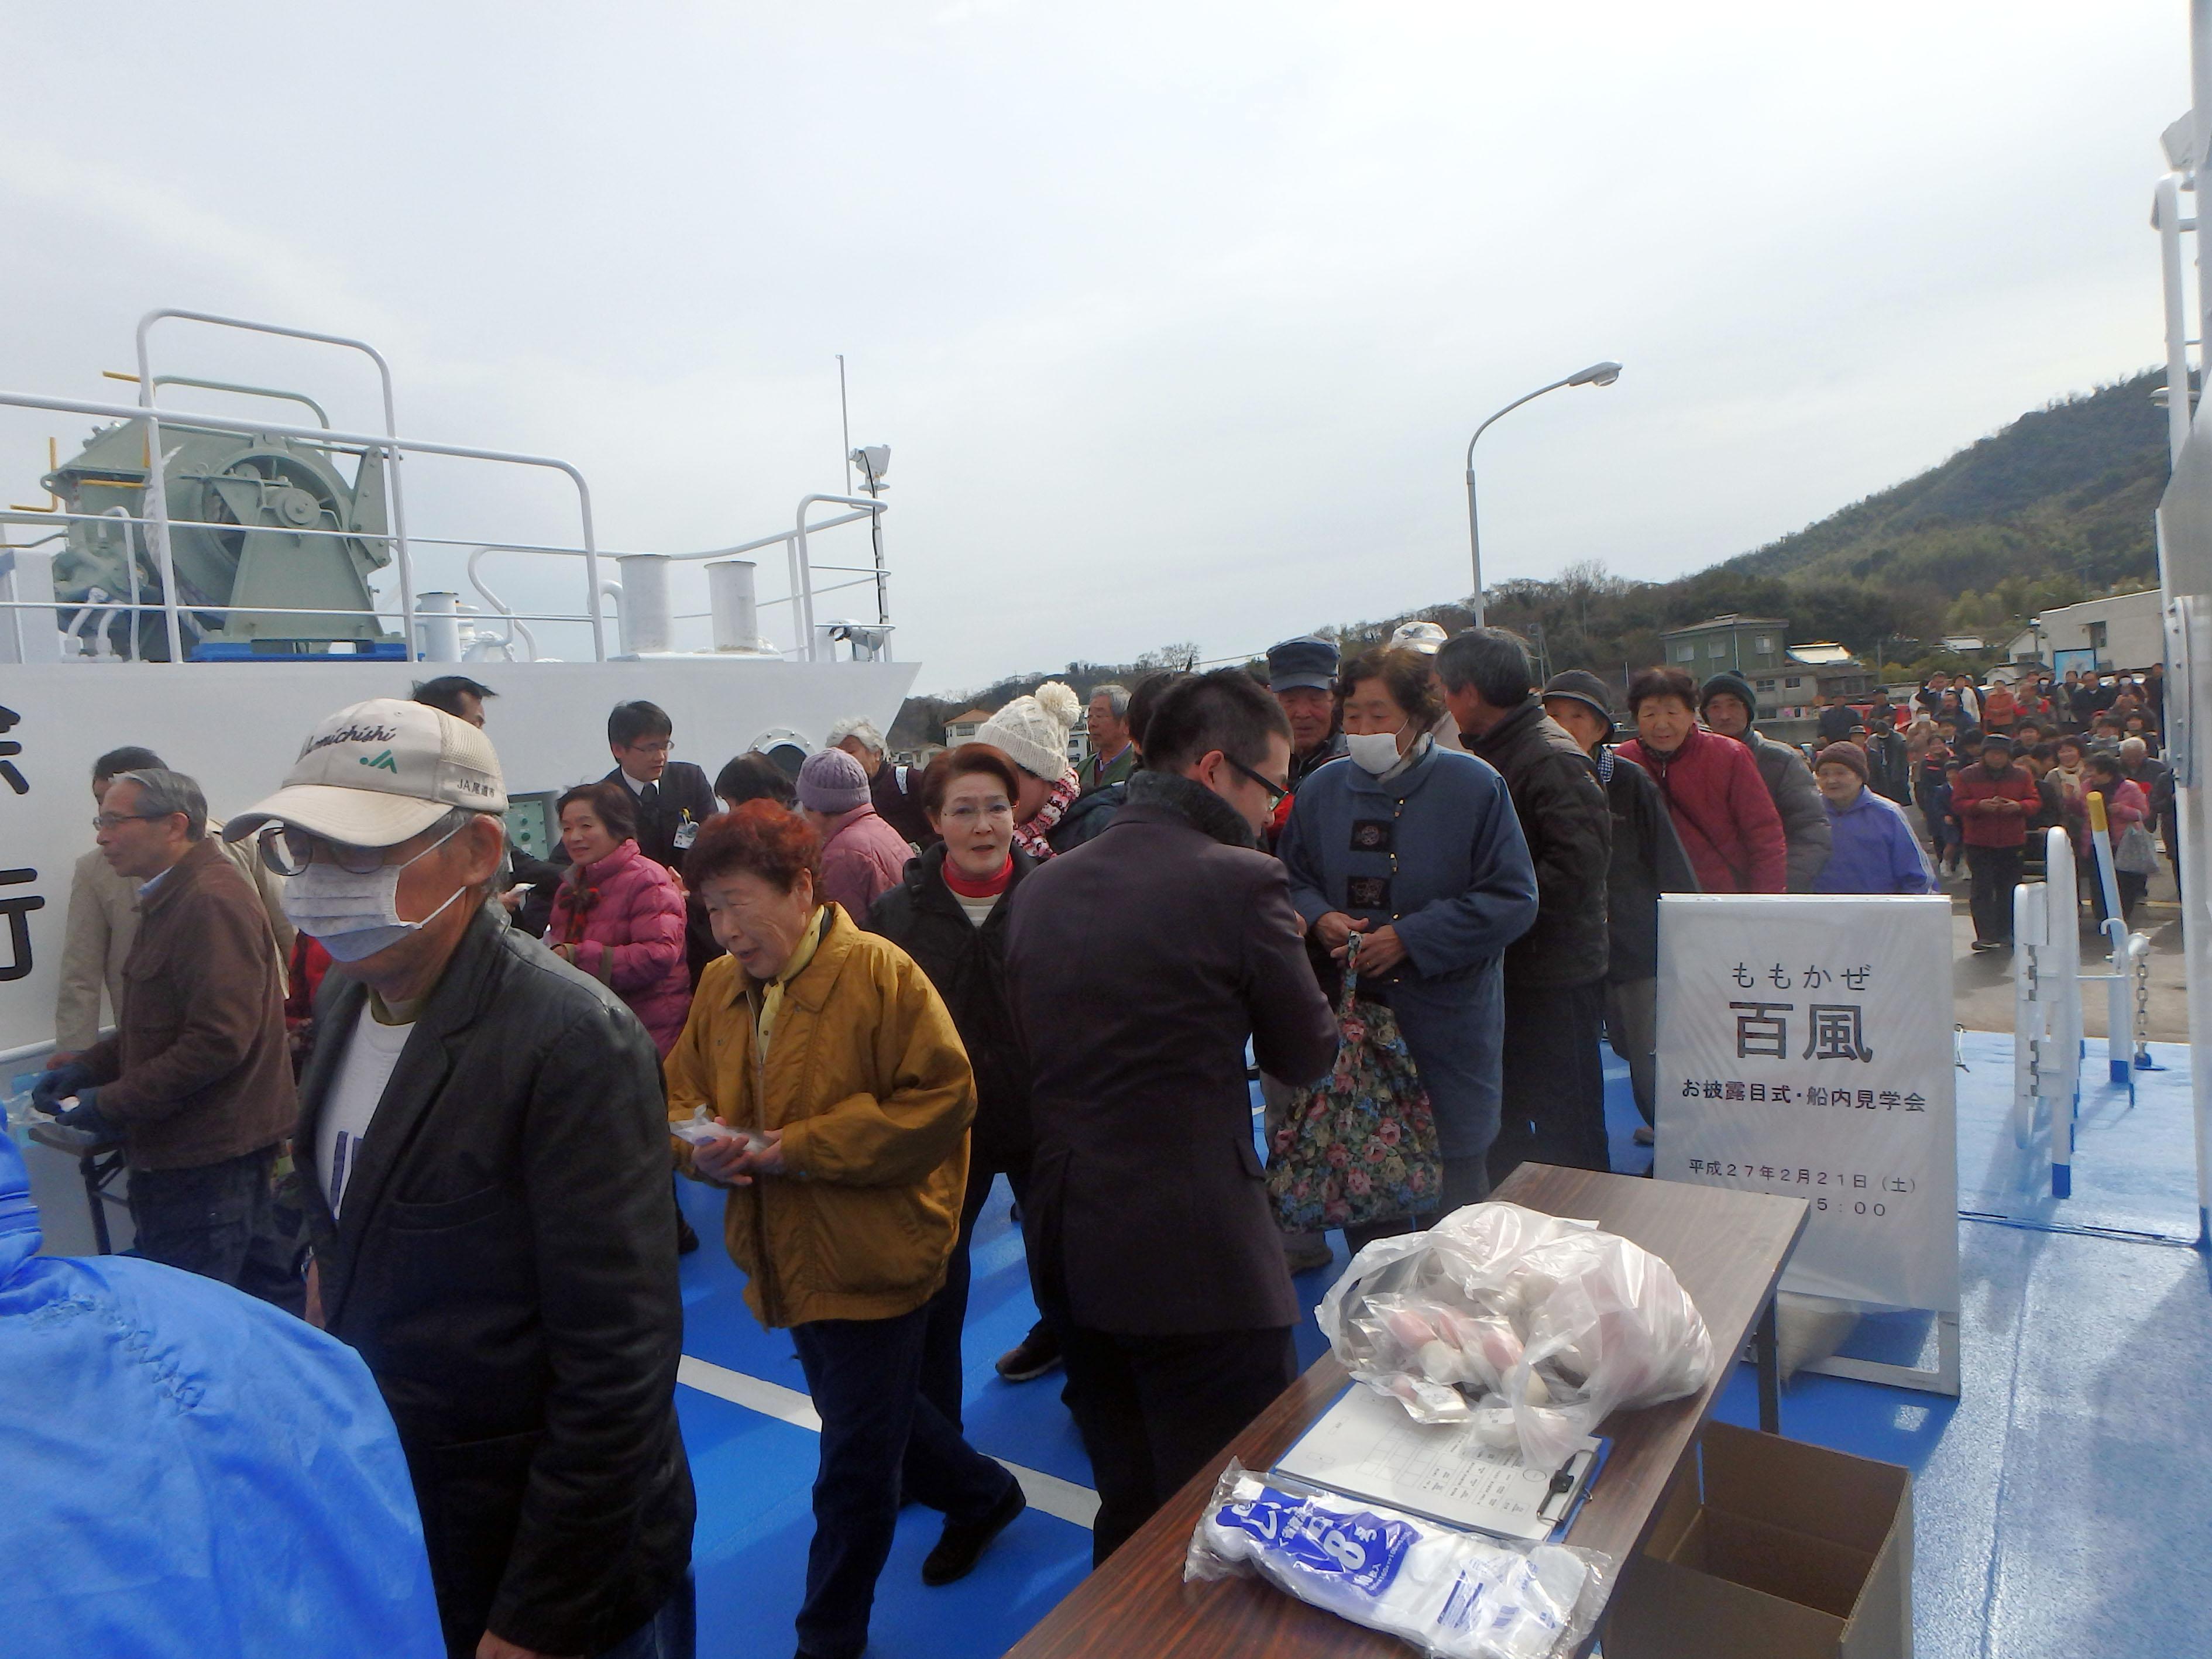 お披露目式・船内見学会には島内外から多くの方が参加されました